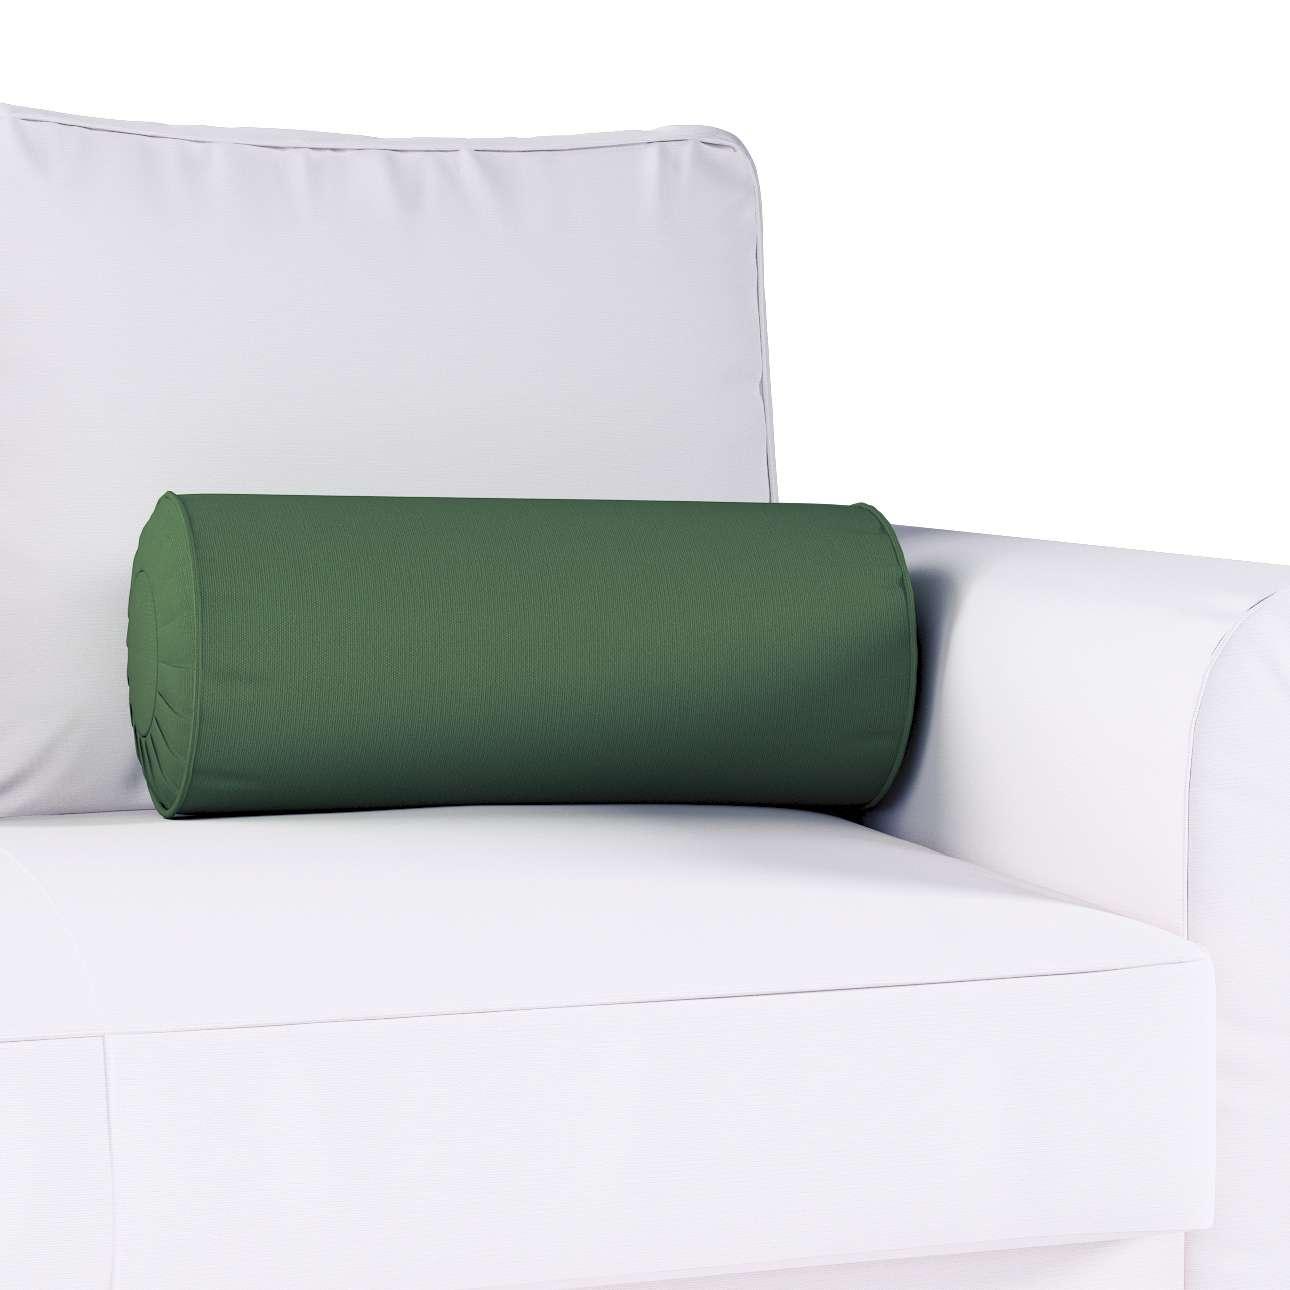 Nackenrolle mit Falten Ø 20 x 50 cm von der Kollektion Cotton Panama, Stoff: 702-06